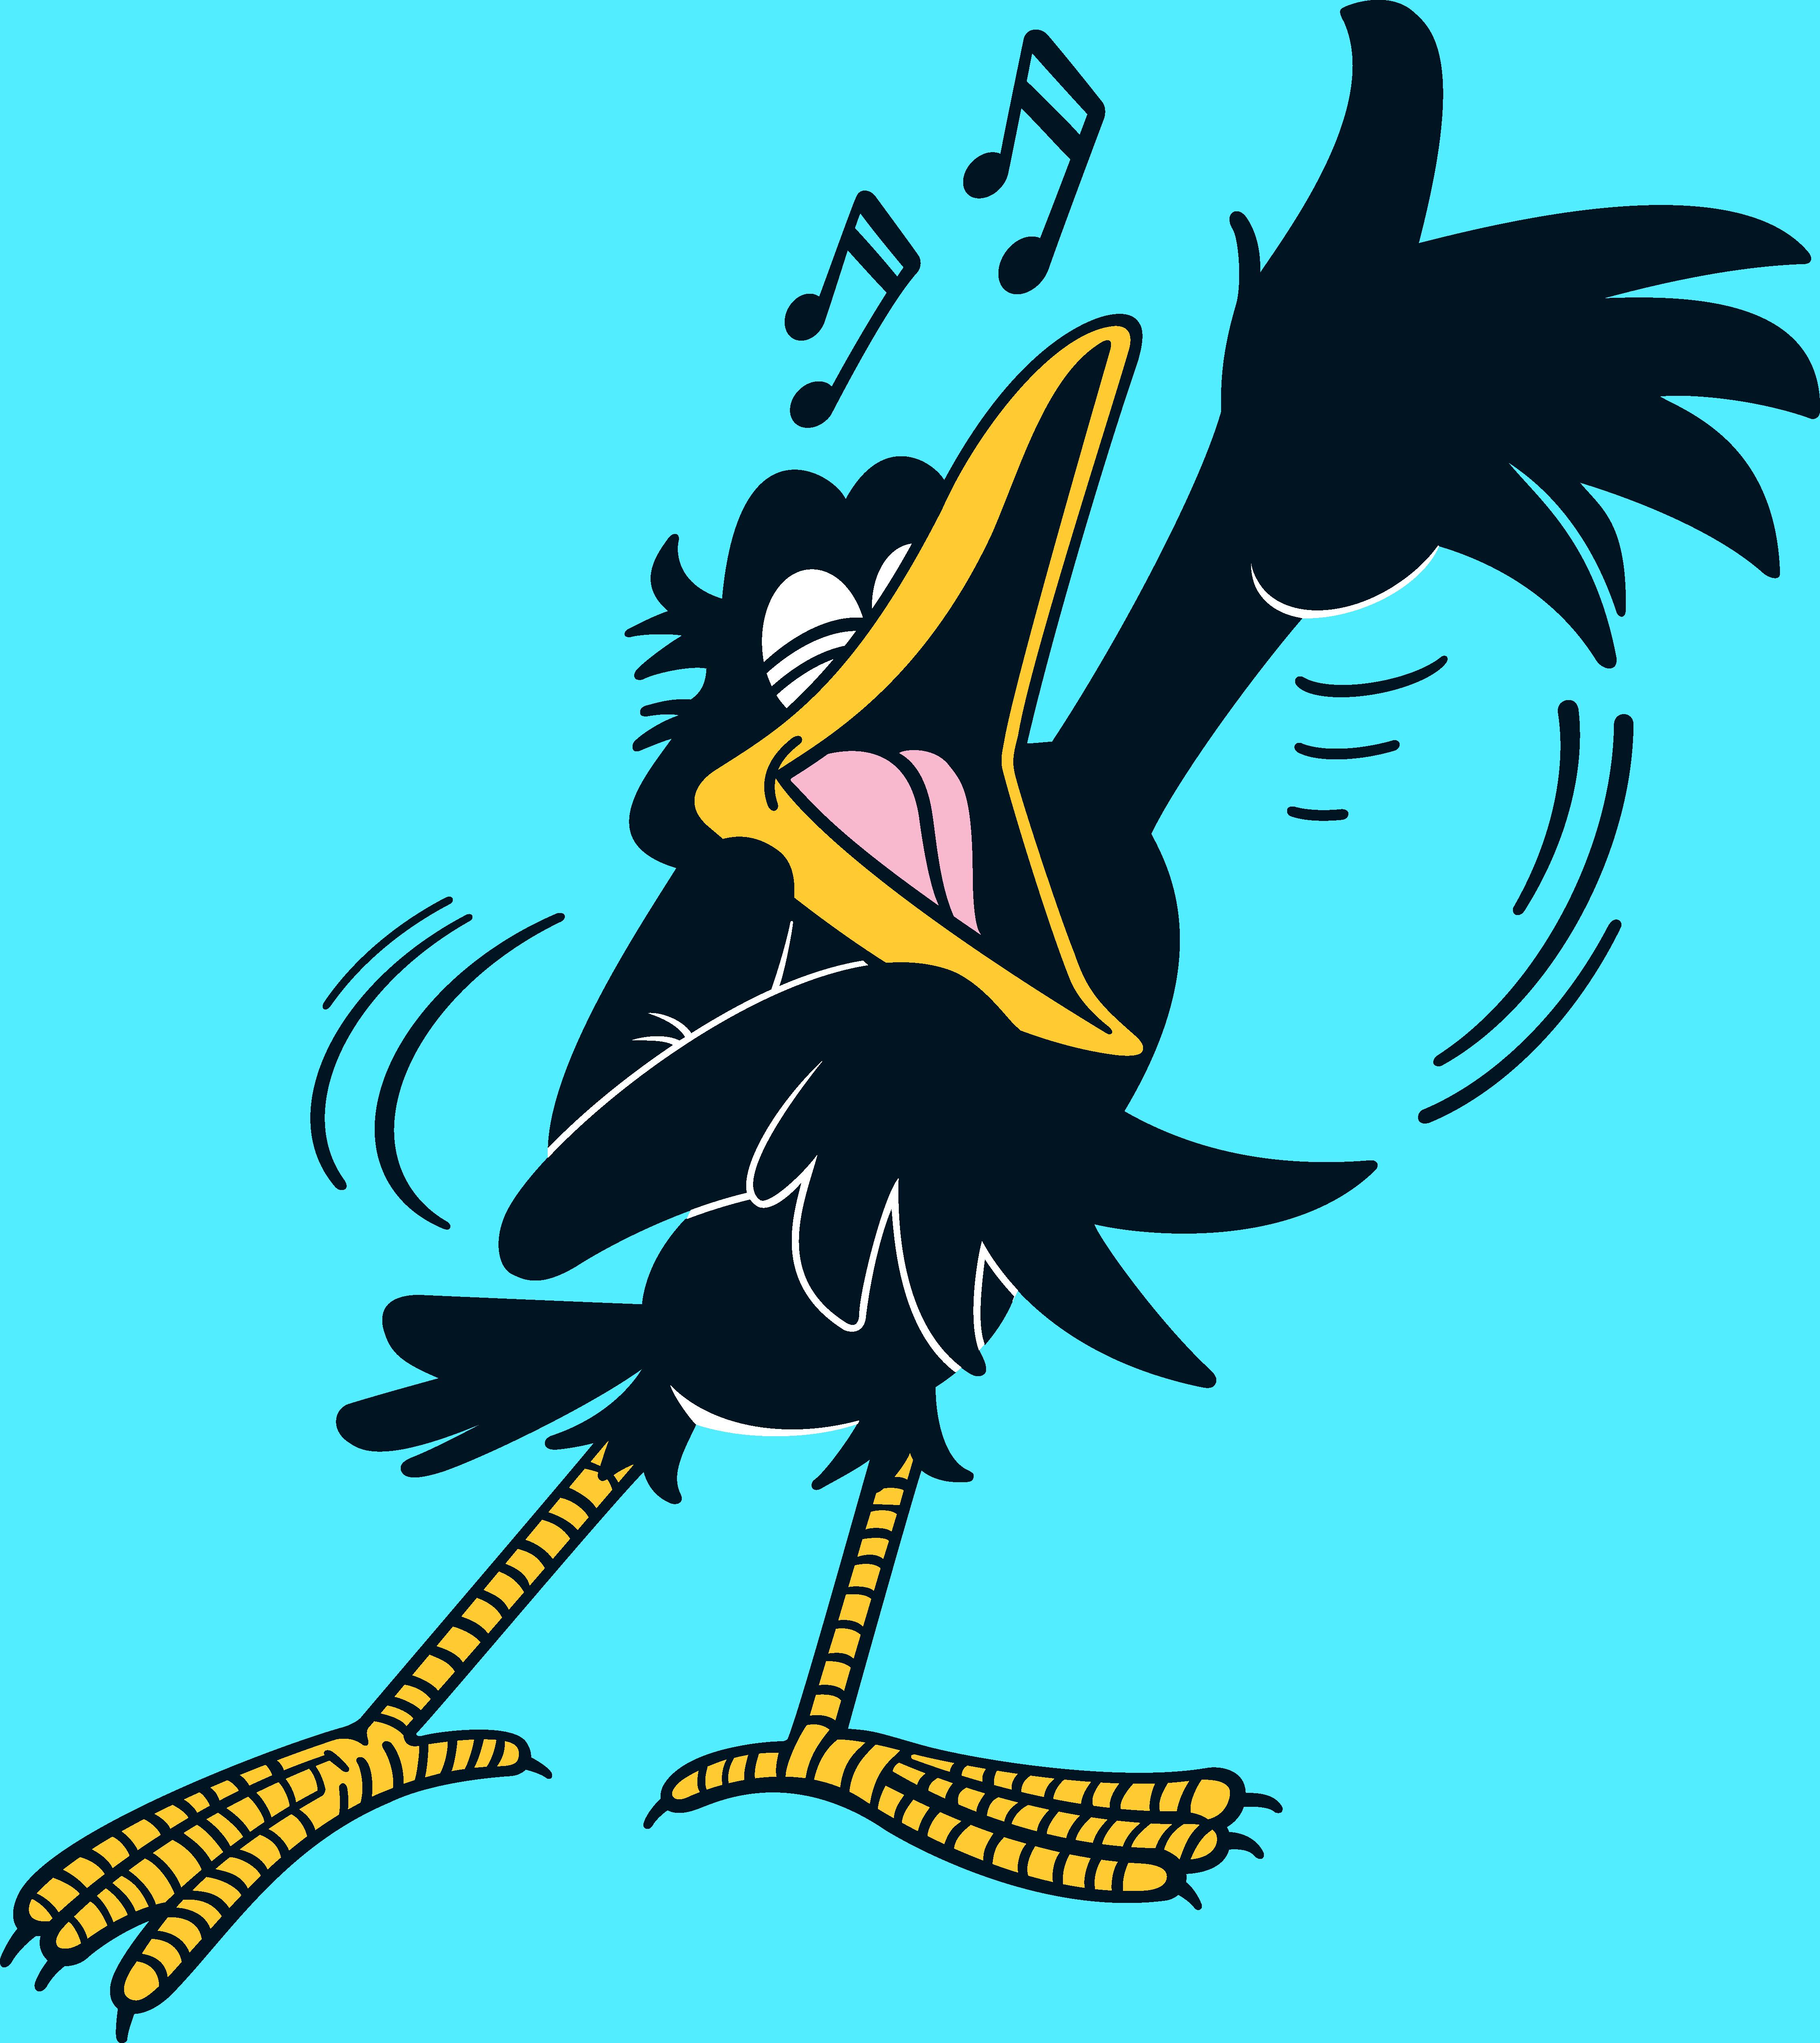 Crow, Bananaman's sidekick